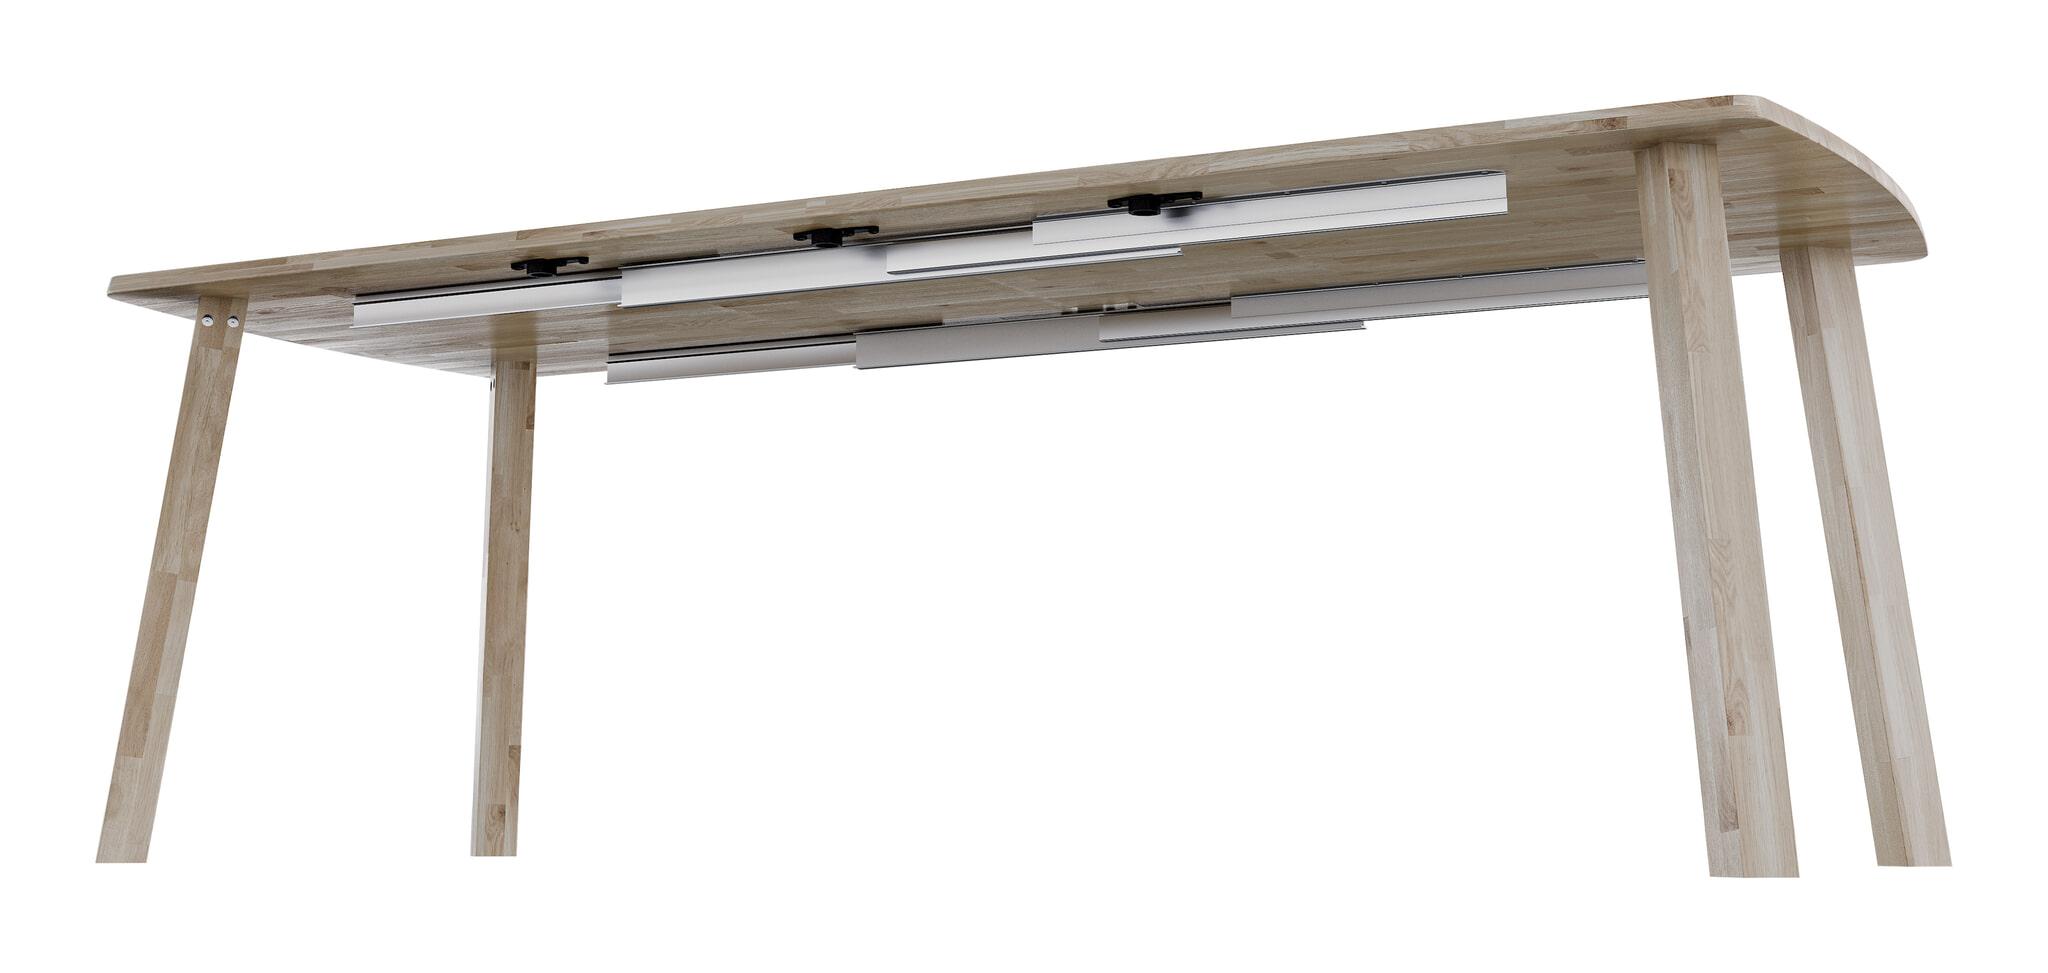 Lange Uitschuifbare Eettafel.Woood Uitschuifbare Eettafel Lange Jan 85 X 140 220cm